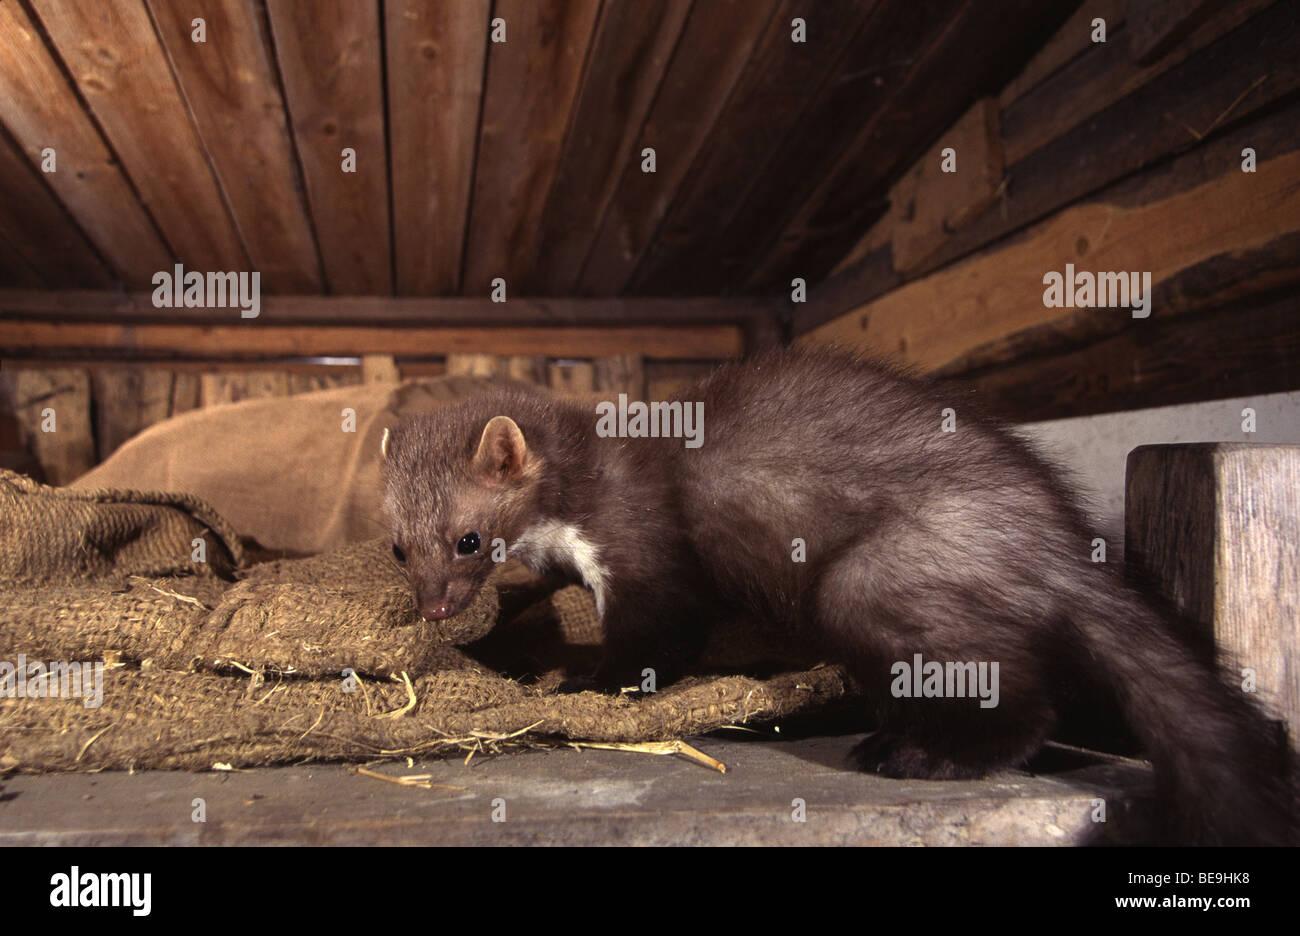 strand-marder auf dem dachboden zwischen einigen stroh und